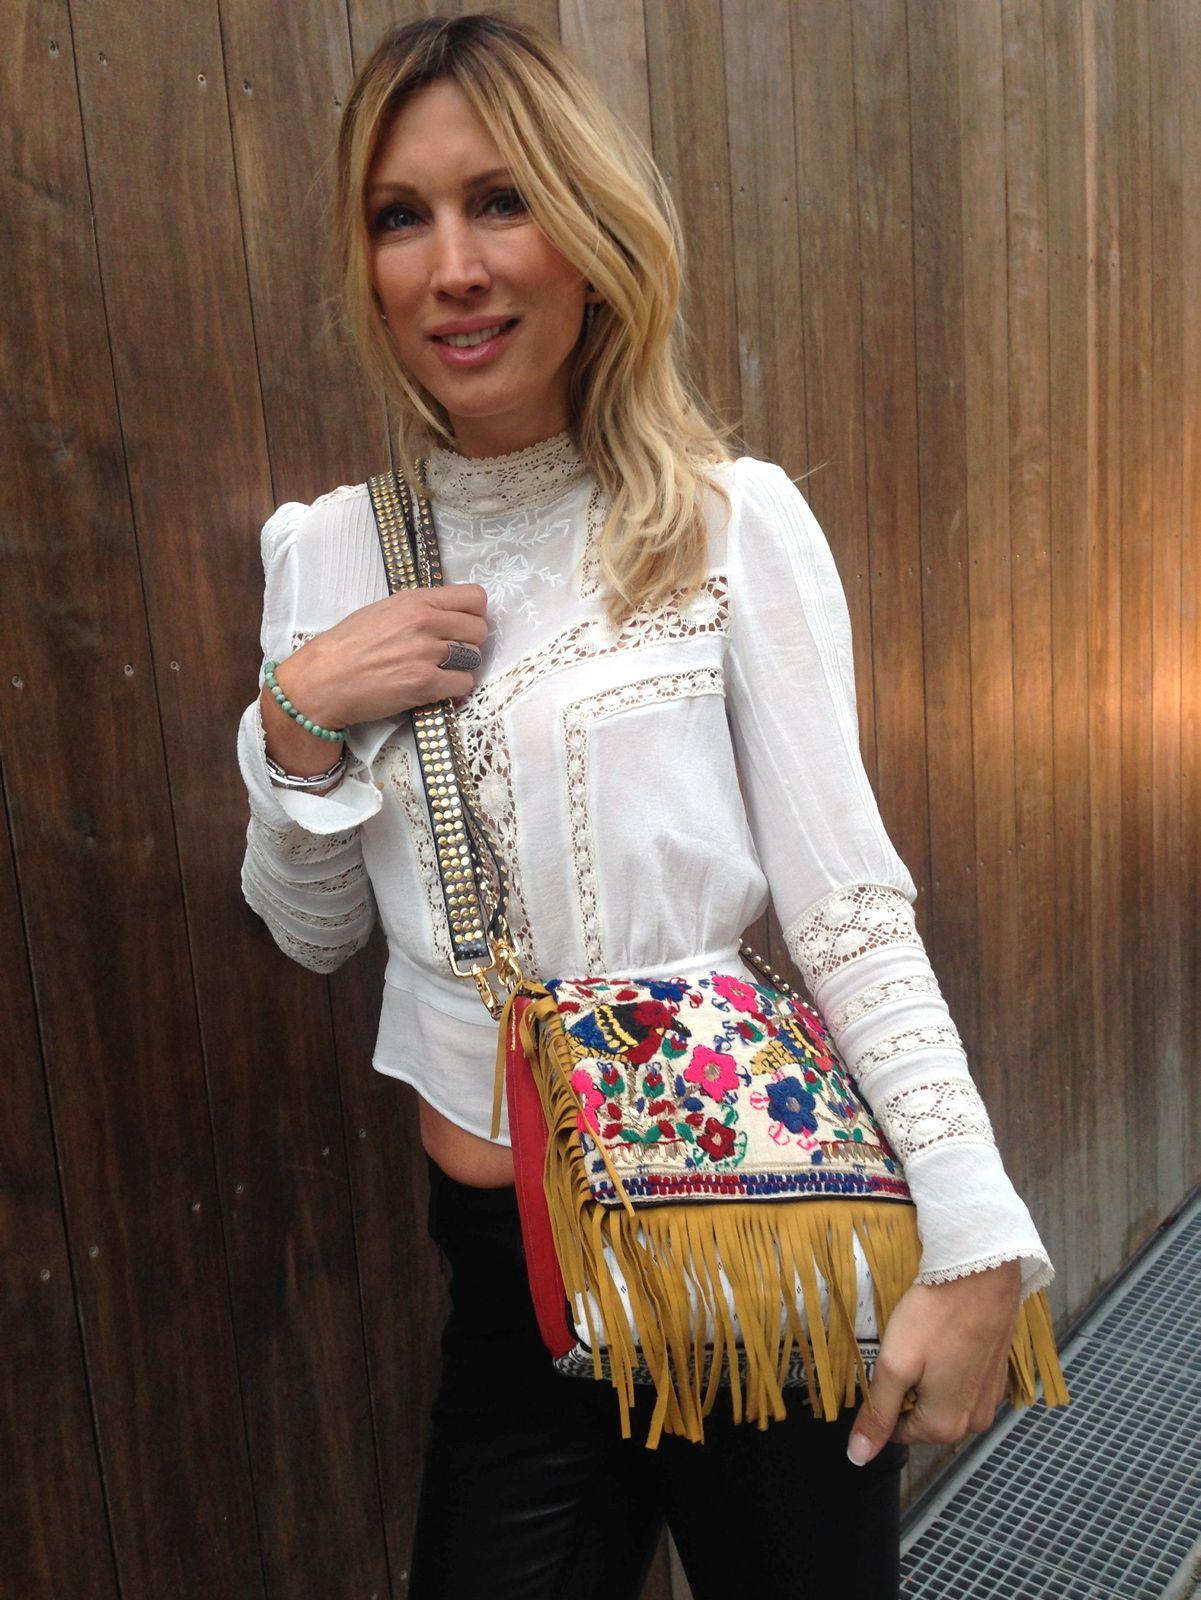 Norsk designer lager kule hippie vesker Kate Moss bare MÅ ha